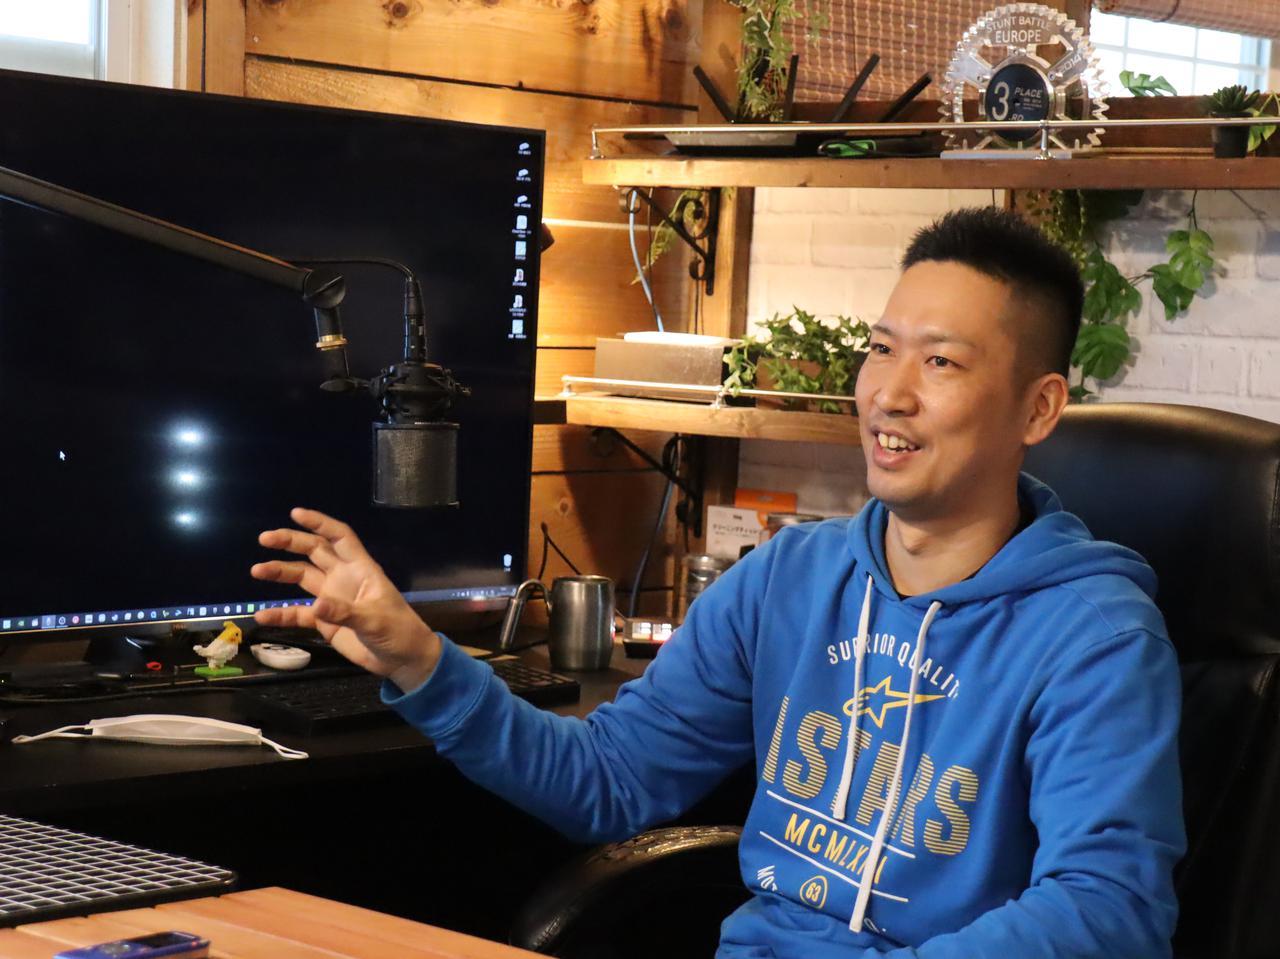 画像2: スタントライダーへの挑戦と恩返し  ──小川裕之氏インタビュー【後編】──